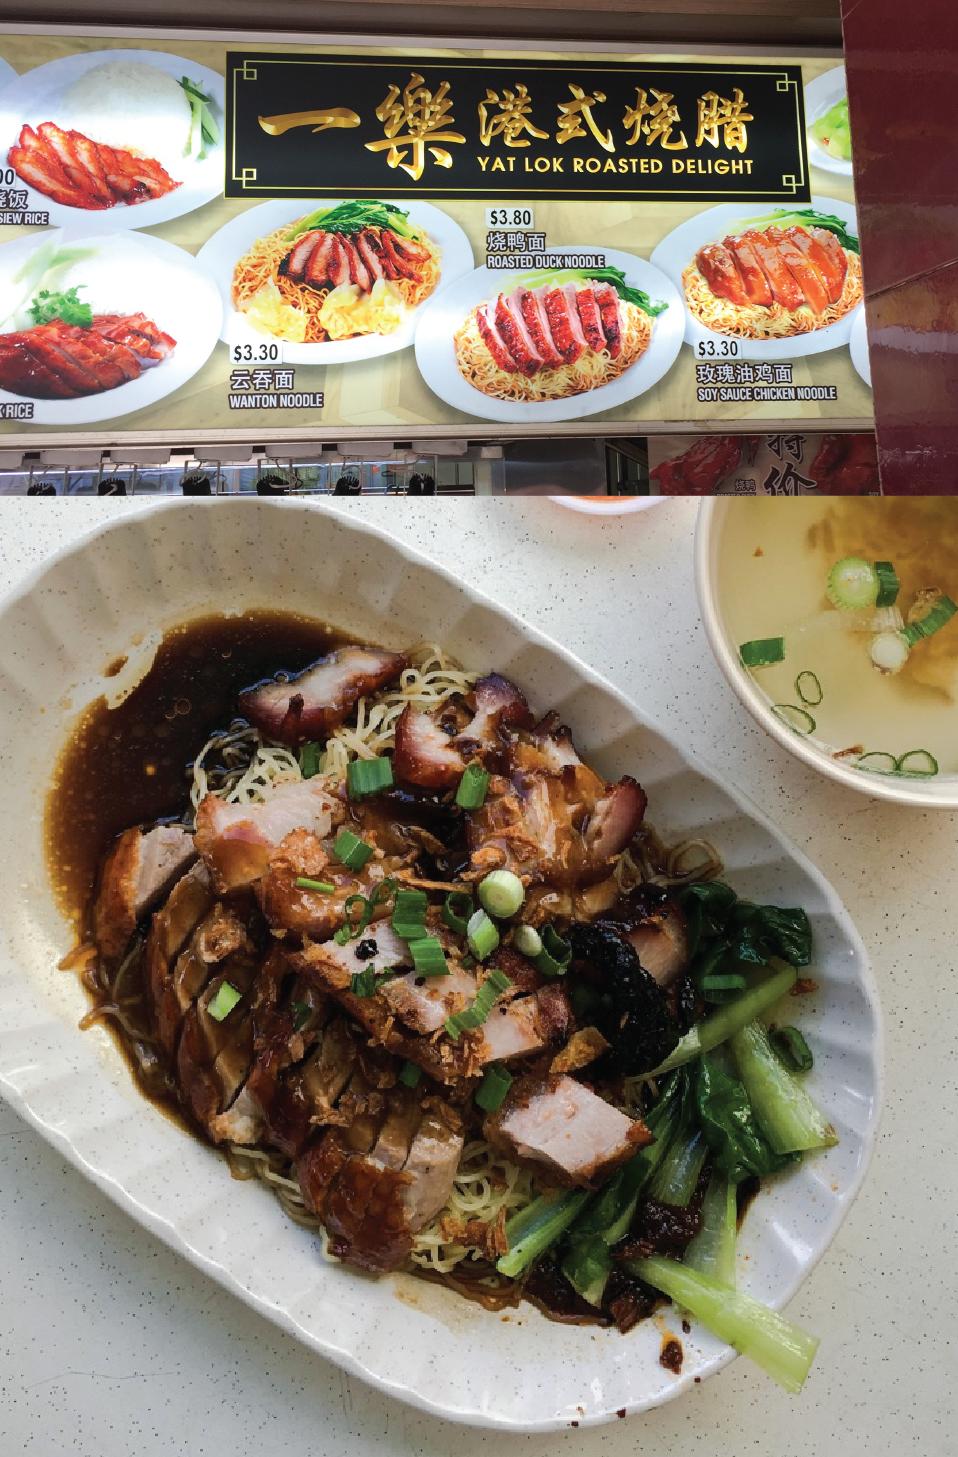 For Shiok Roast Meat Noodles